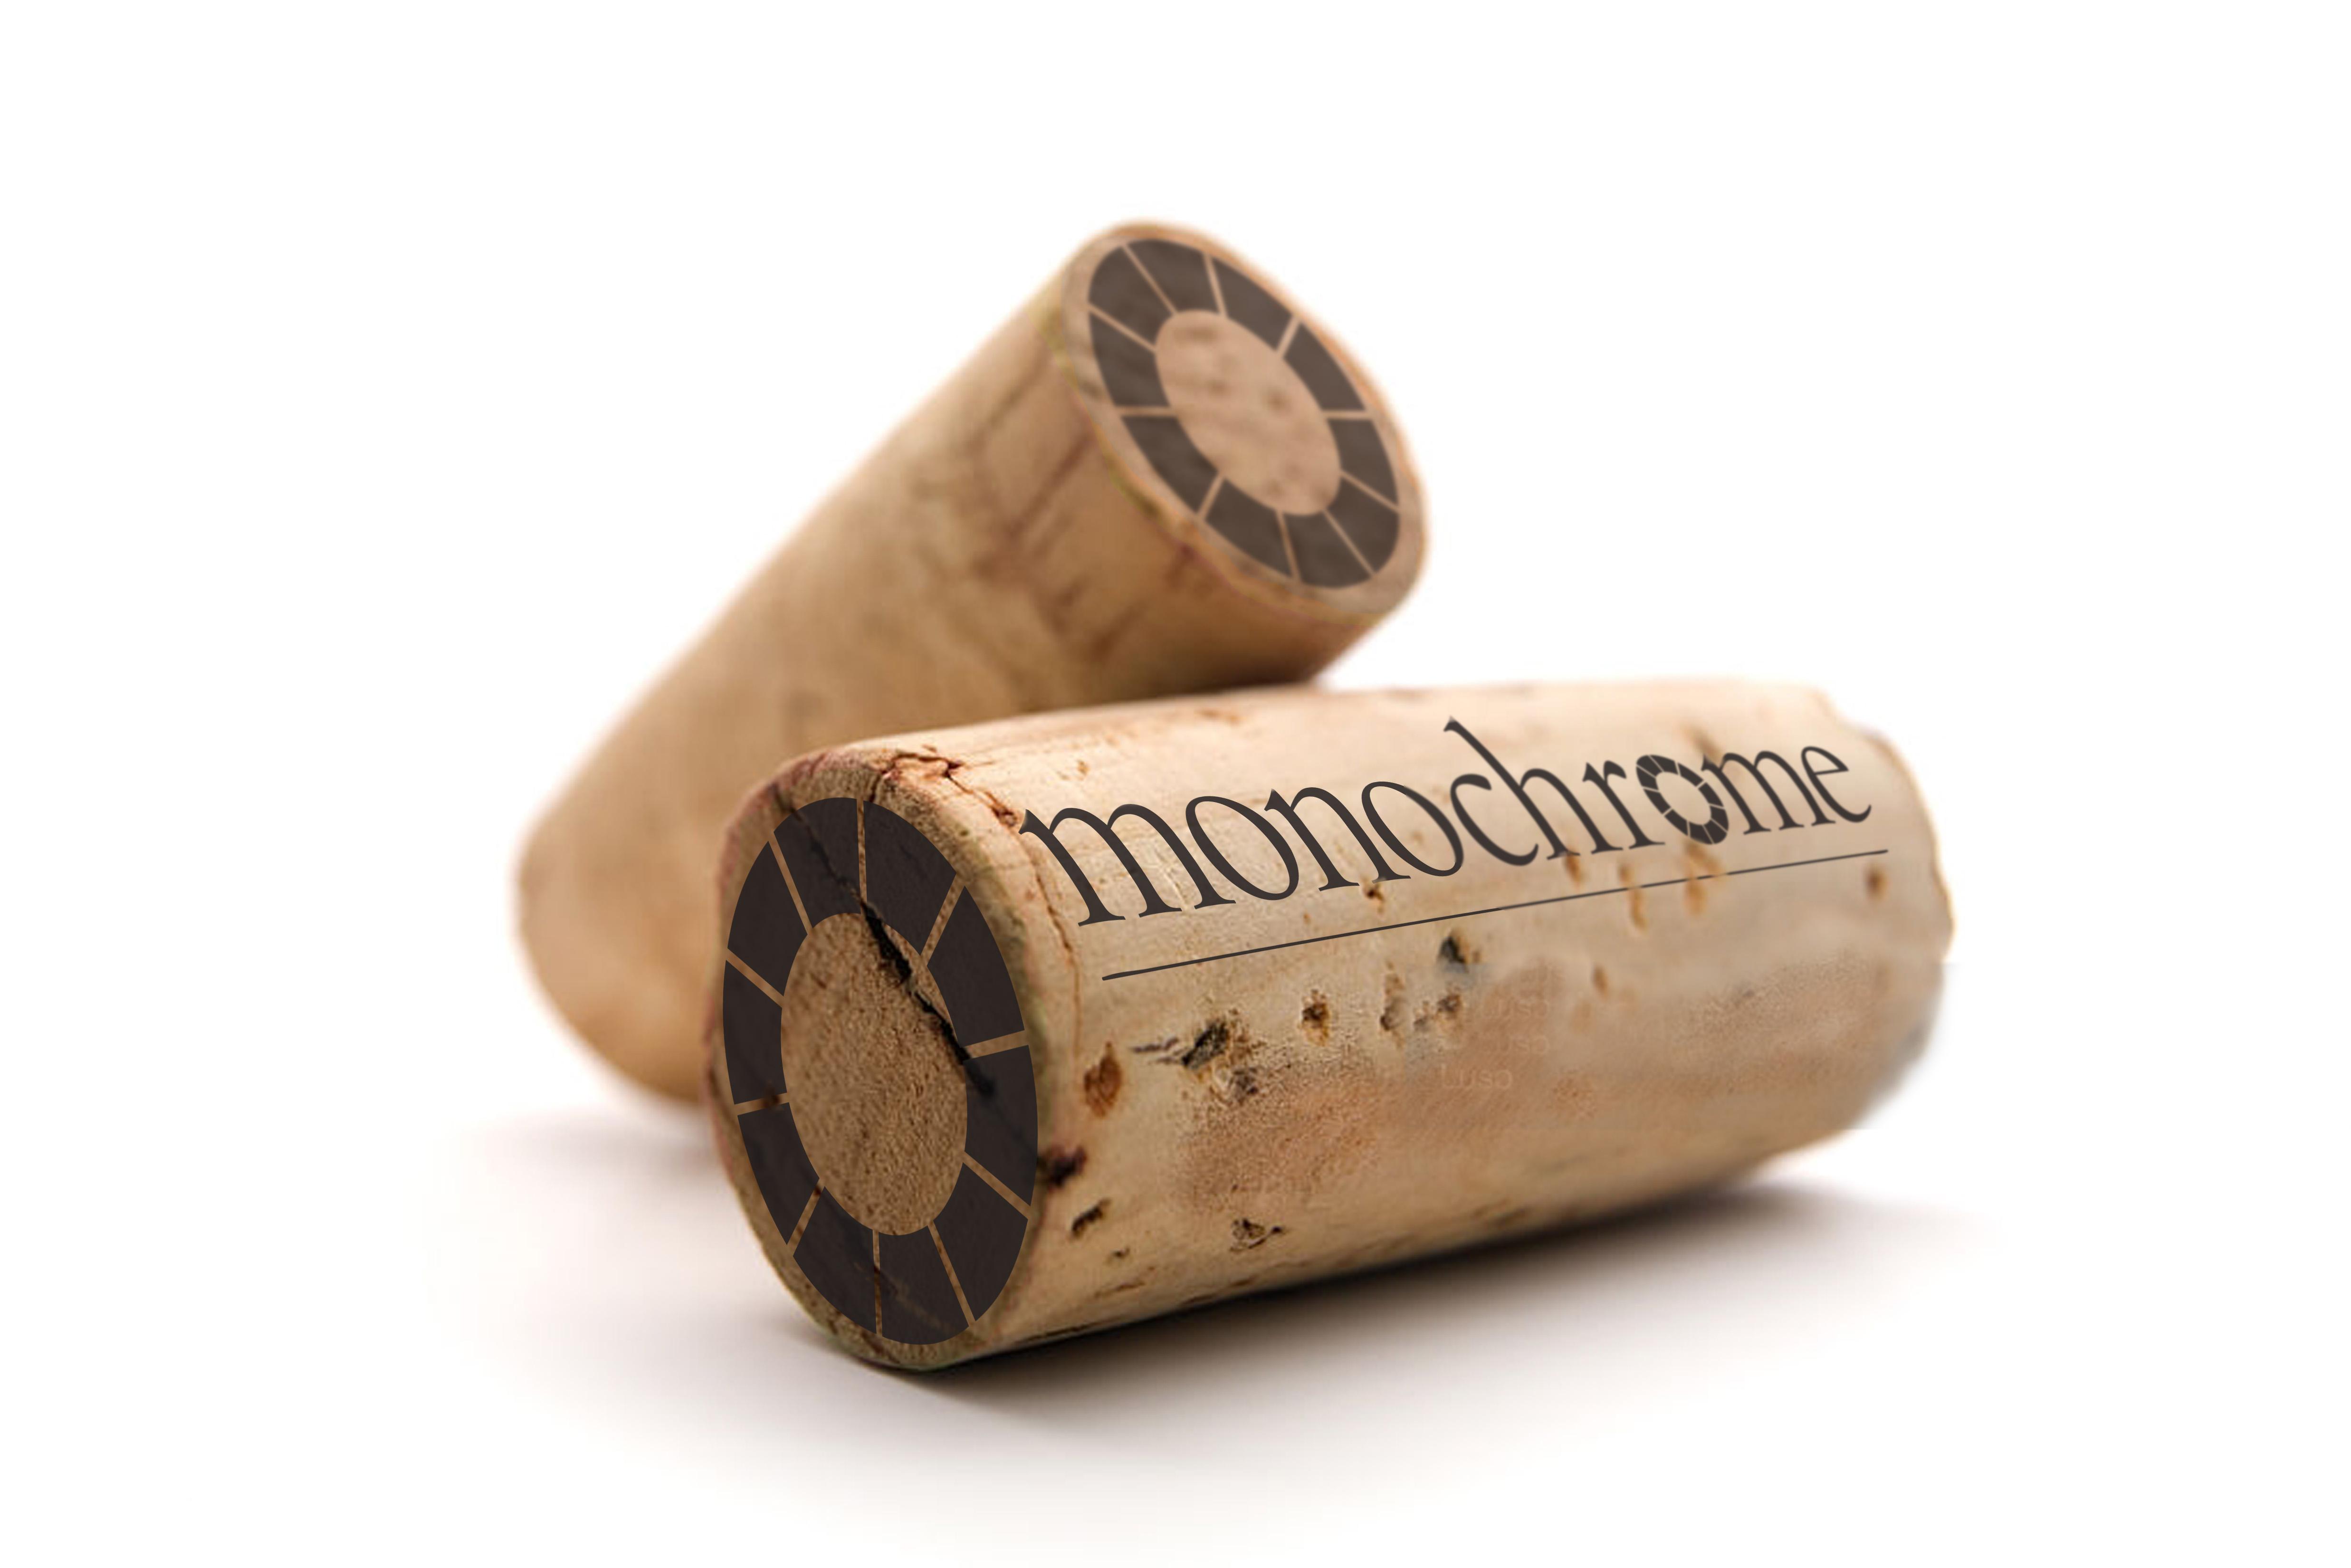 Monochrome Wines Paso Robles, CA corks